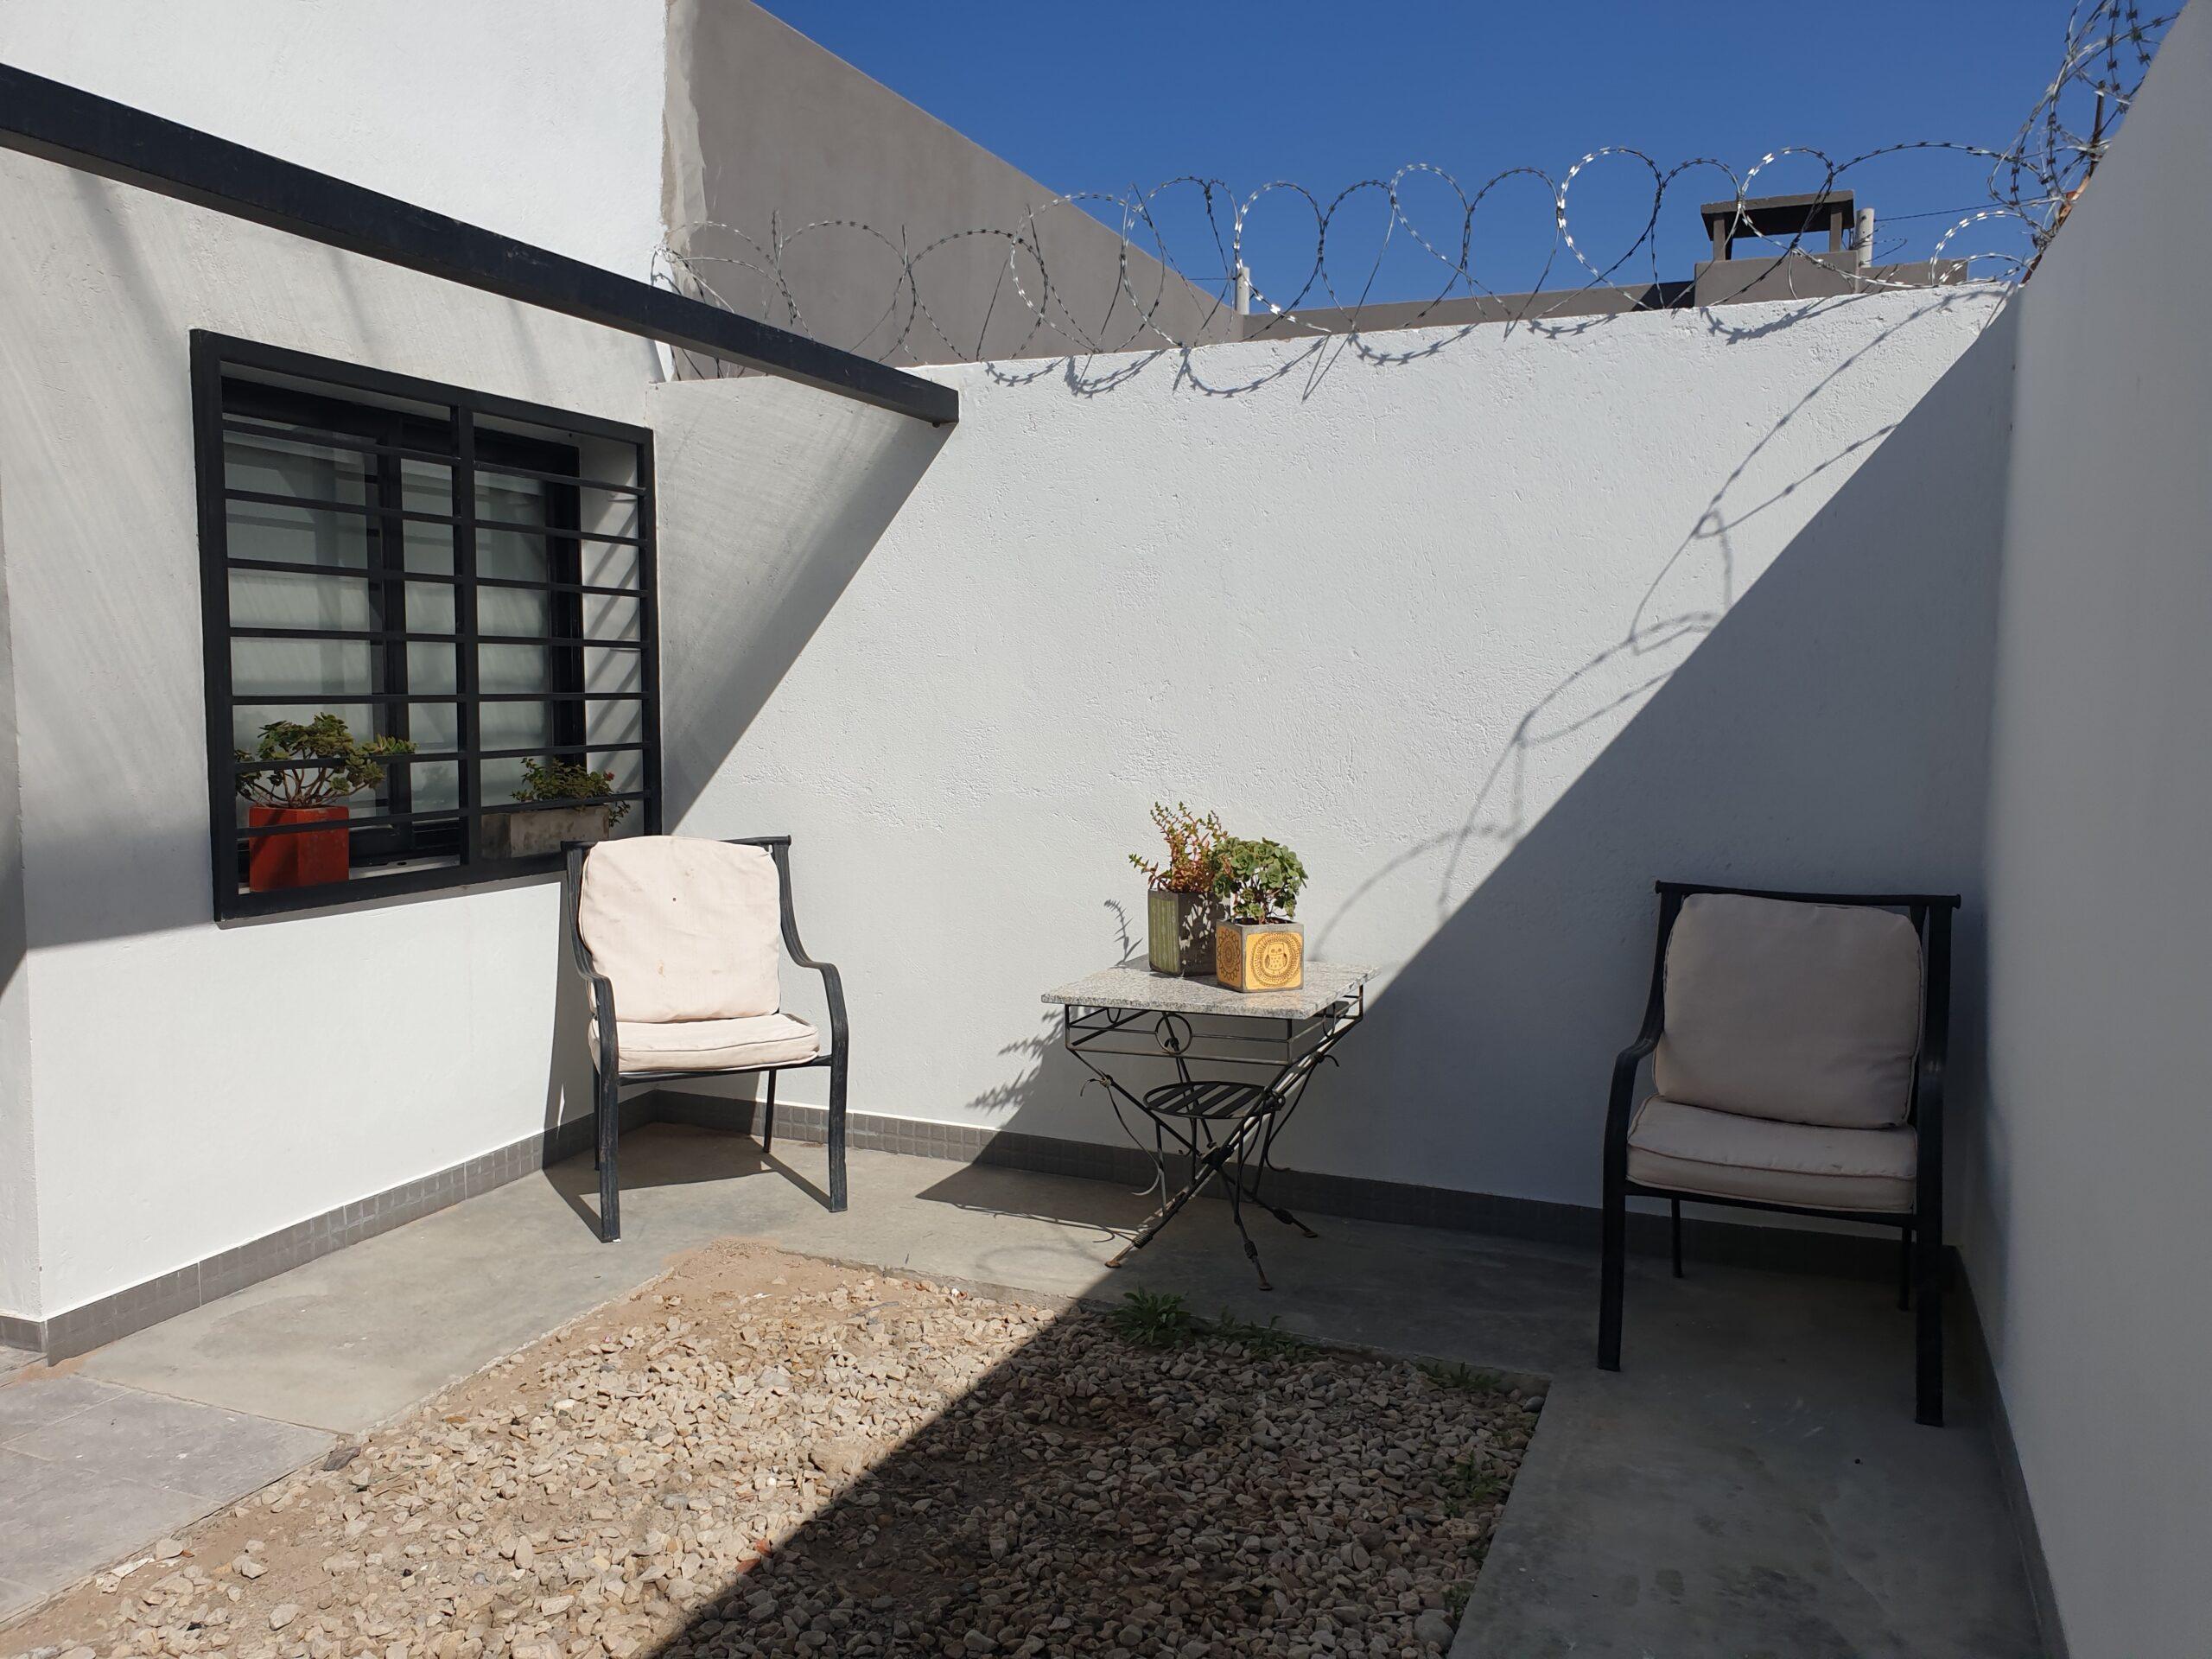 Departamento de 1 dormitorio planta baja con patio y 2 cocheras en venta, Barrio Mercantiles